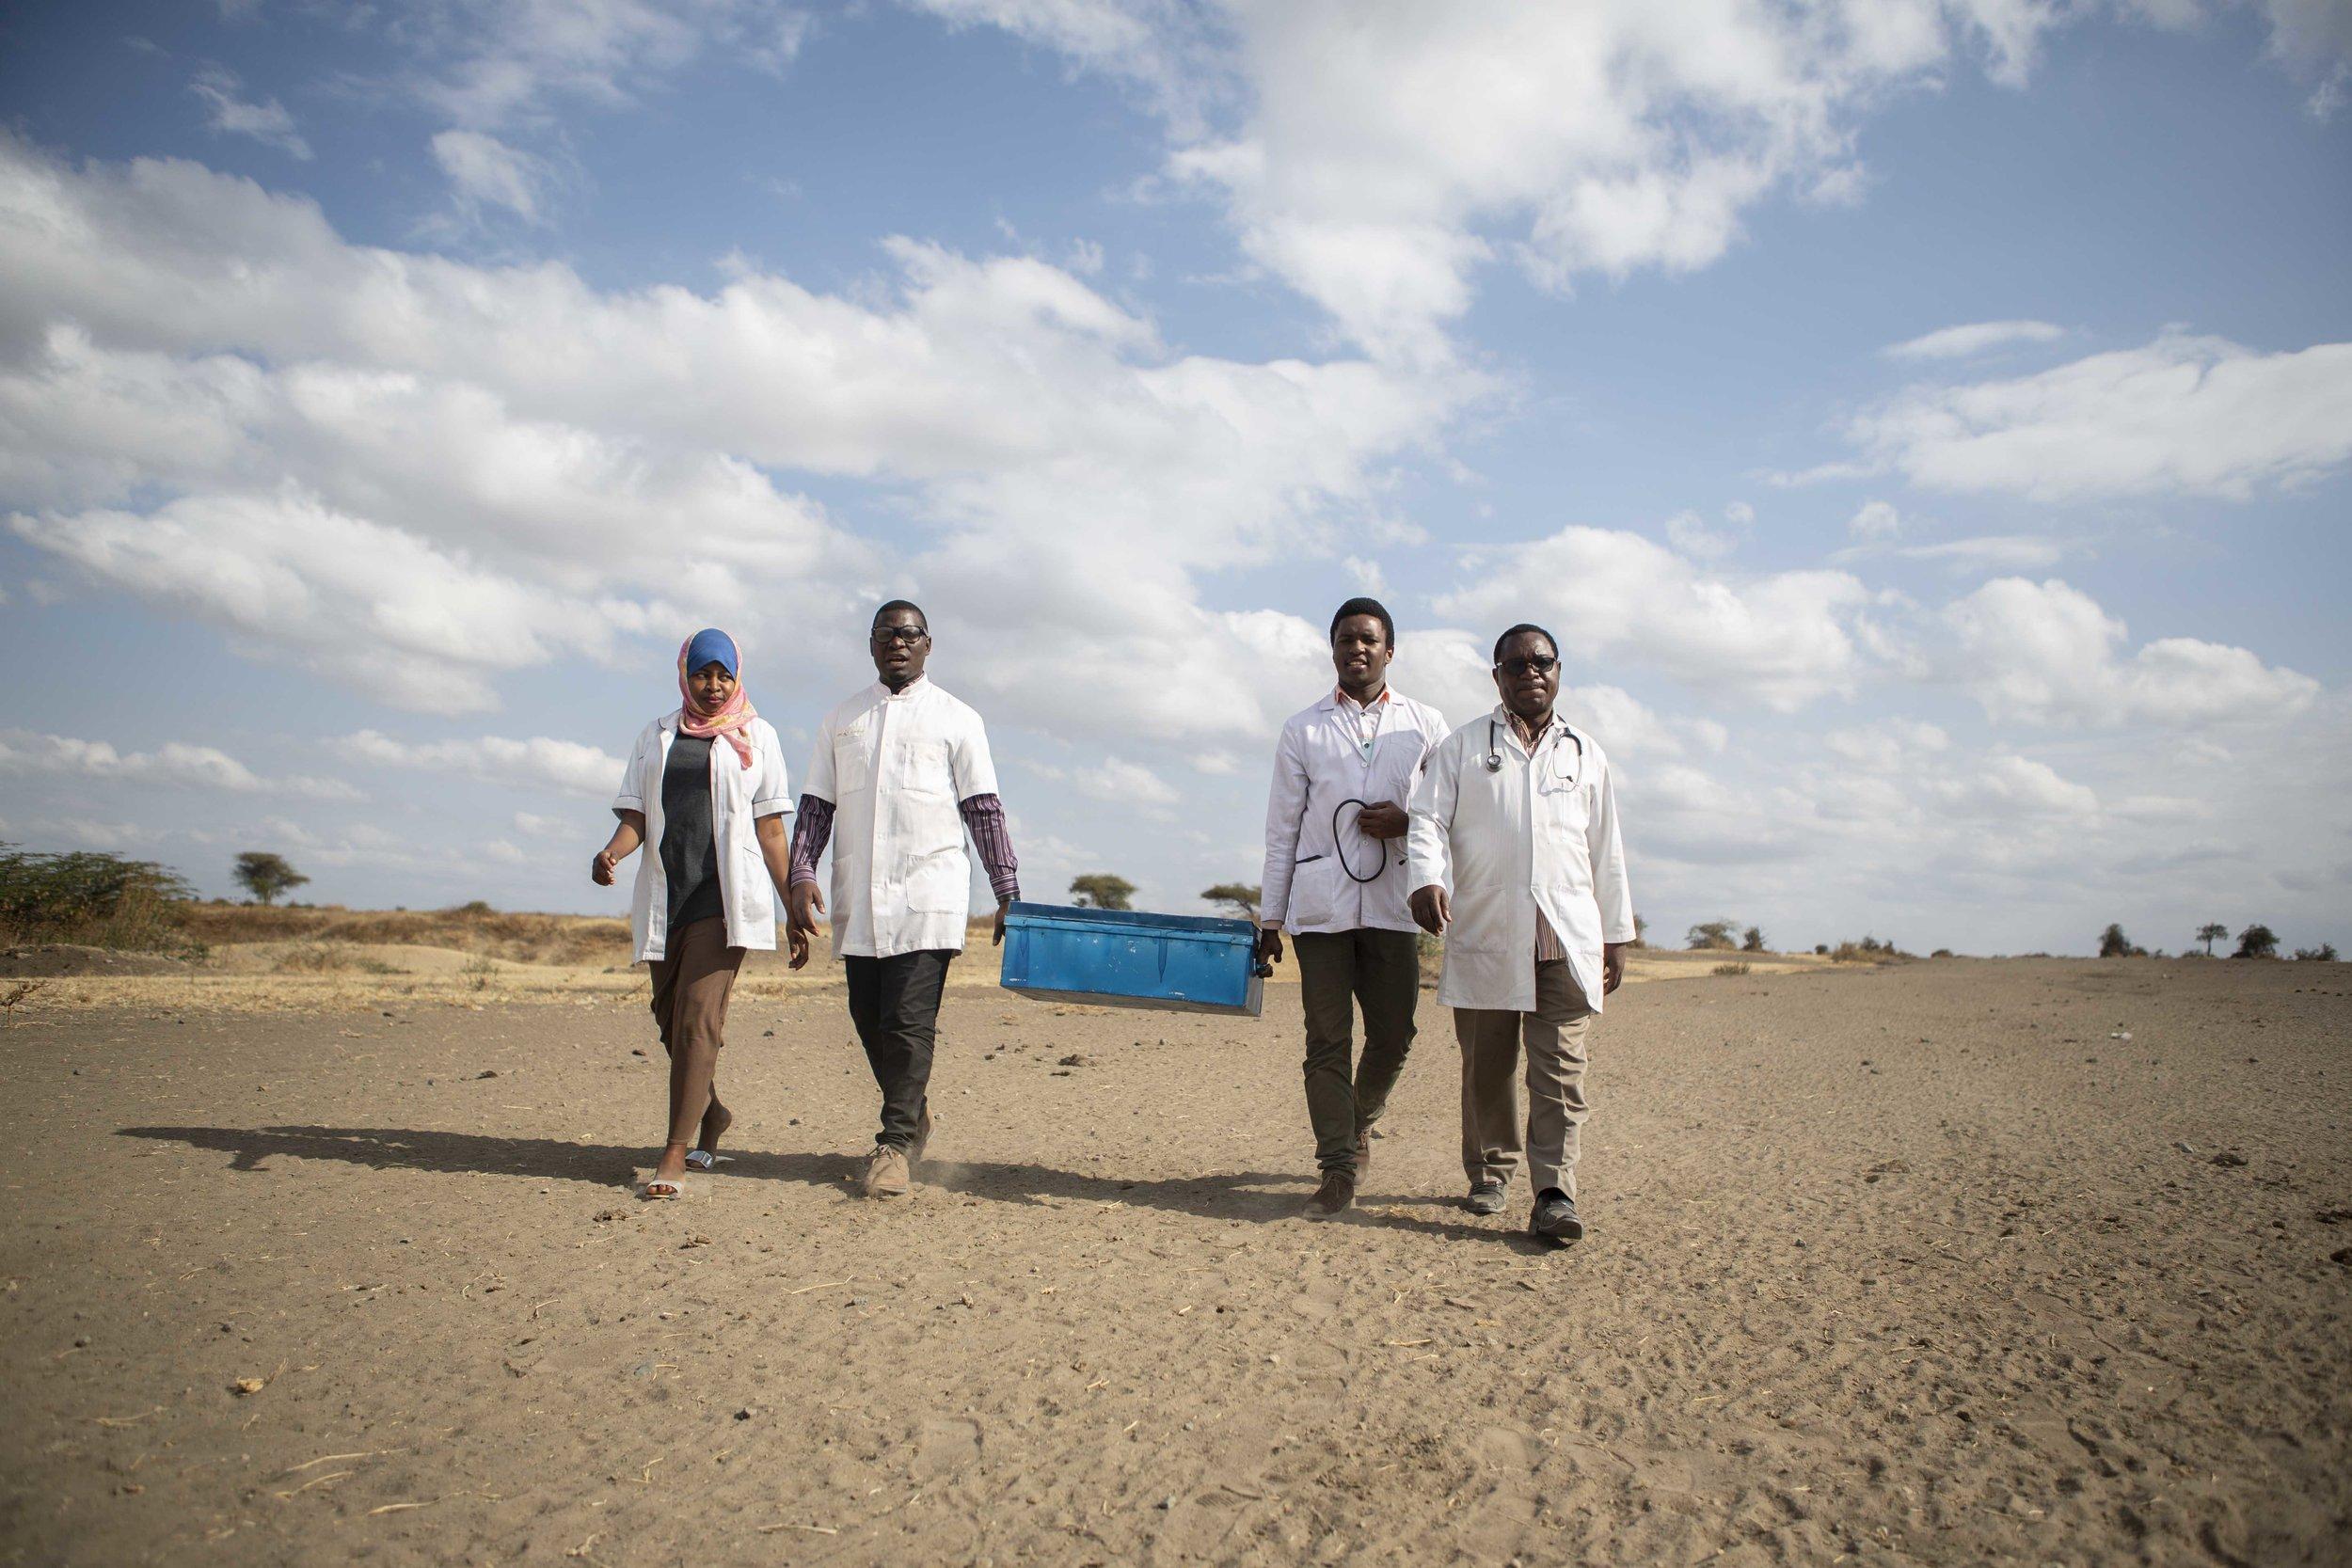 Travelling Doctors Tanzania by Claudio Verbano